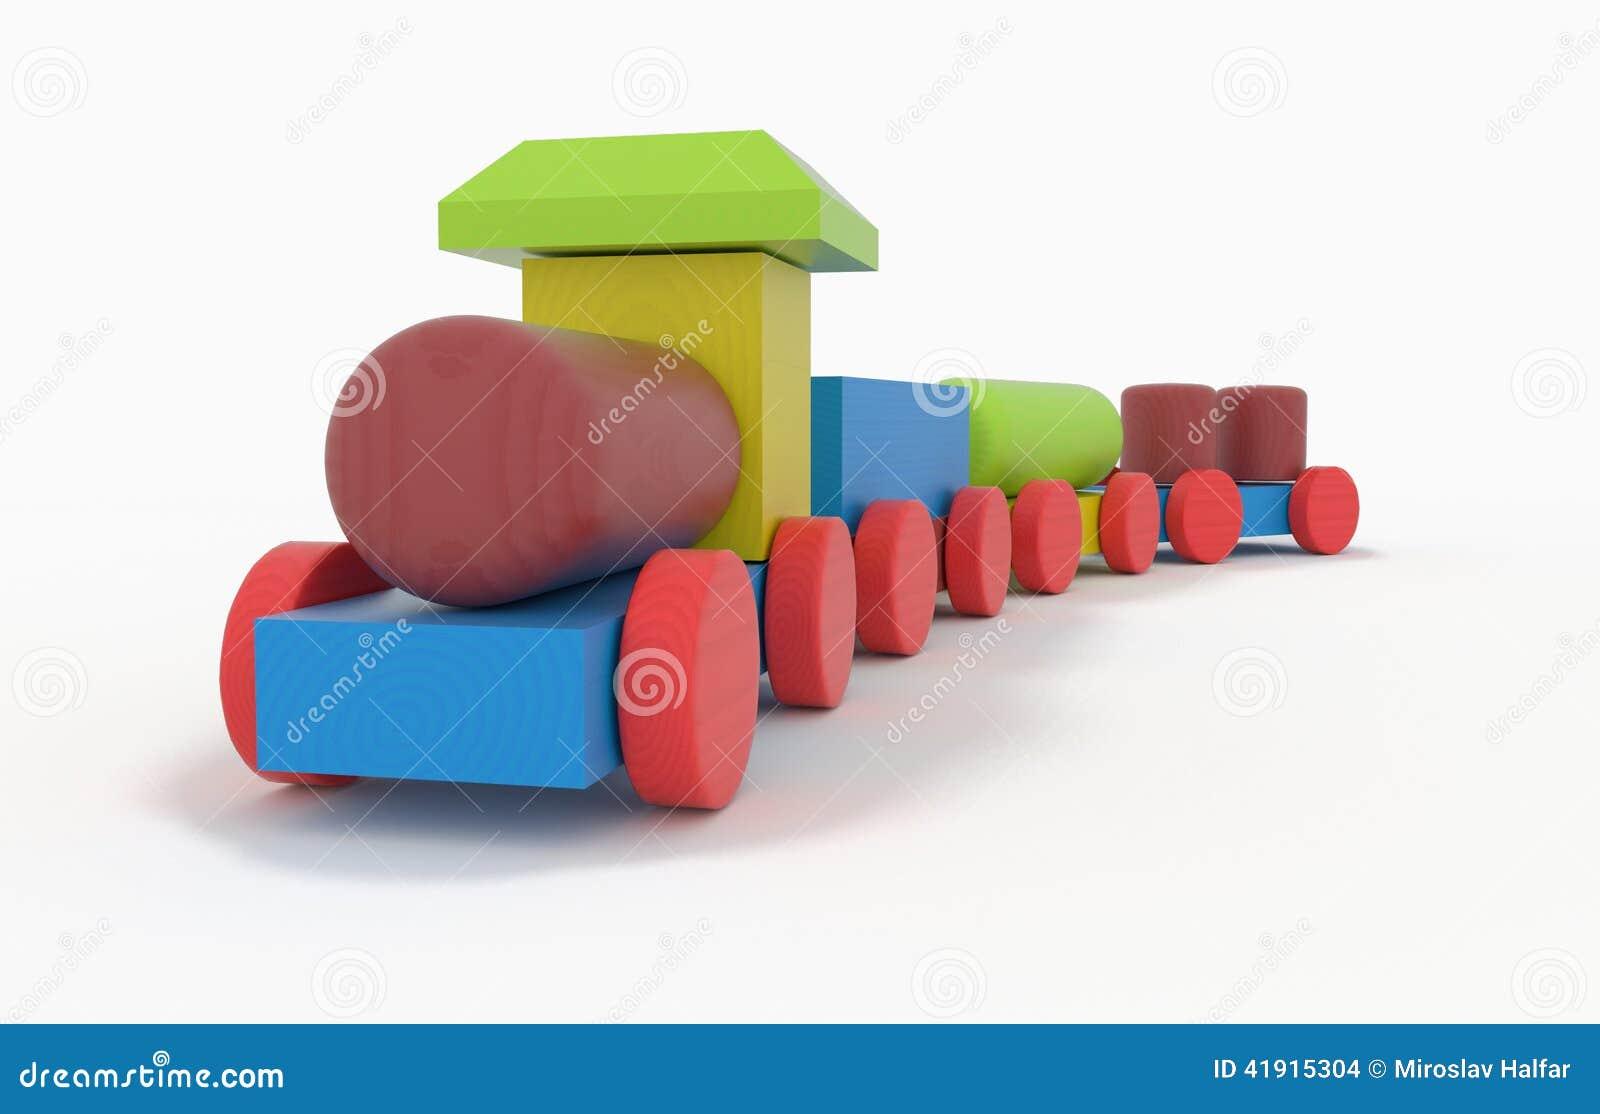 Tren de madera del juguete